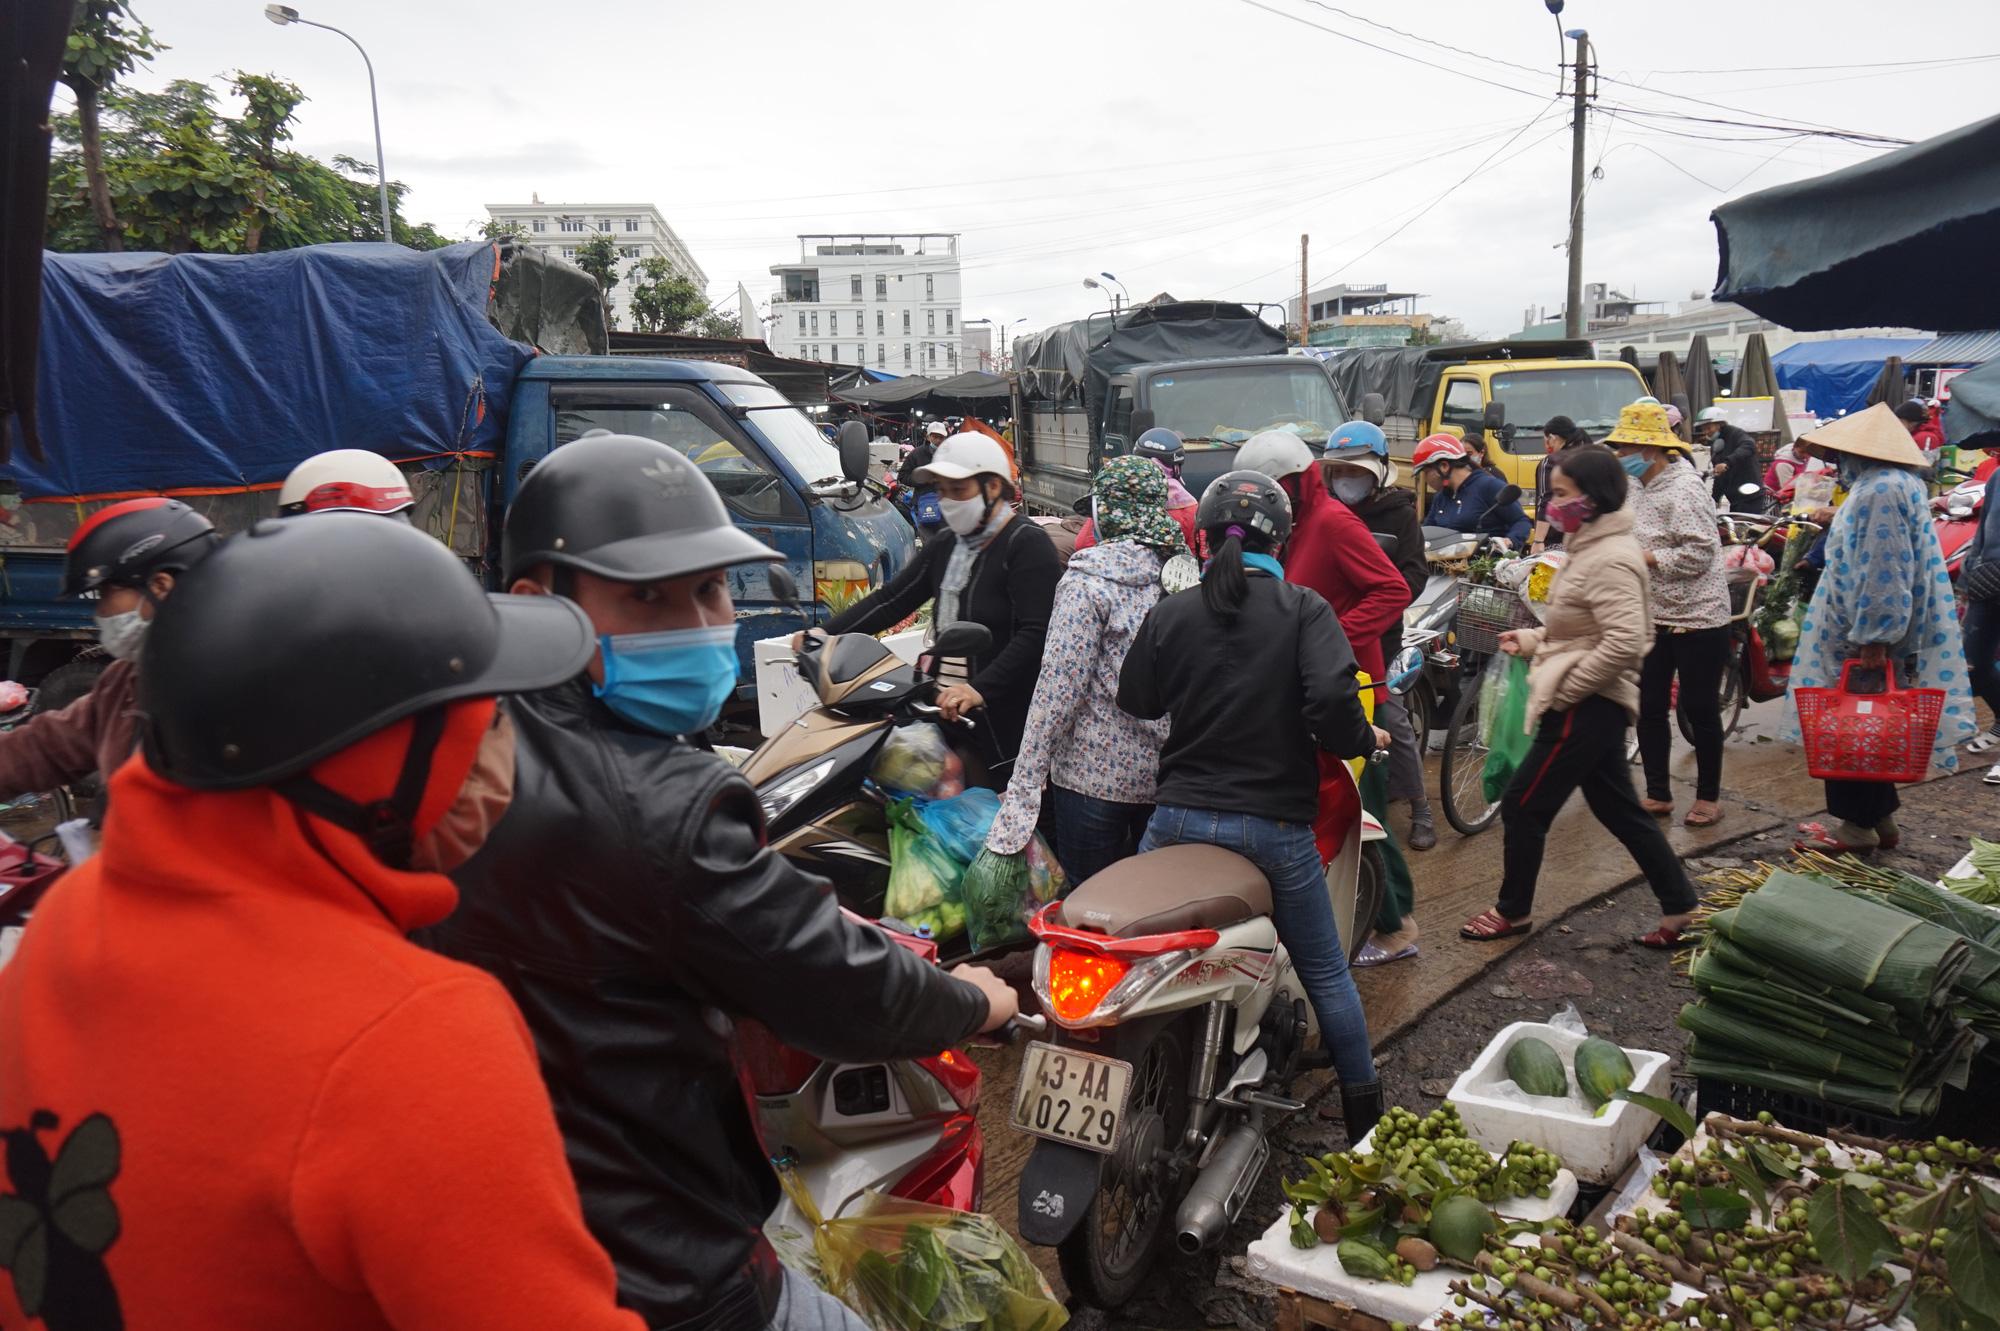 Đà Nẵng: Chợ lớn nhất thành phố tấp nập người và xe sáng 29 Tết - Ảnh 10.